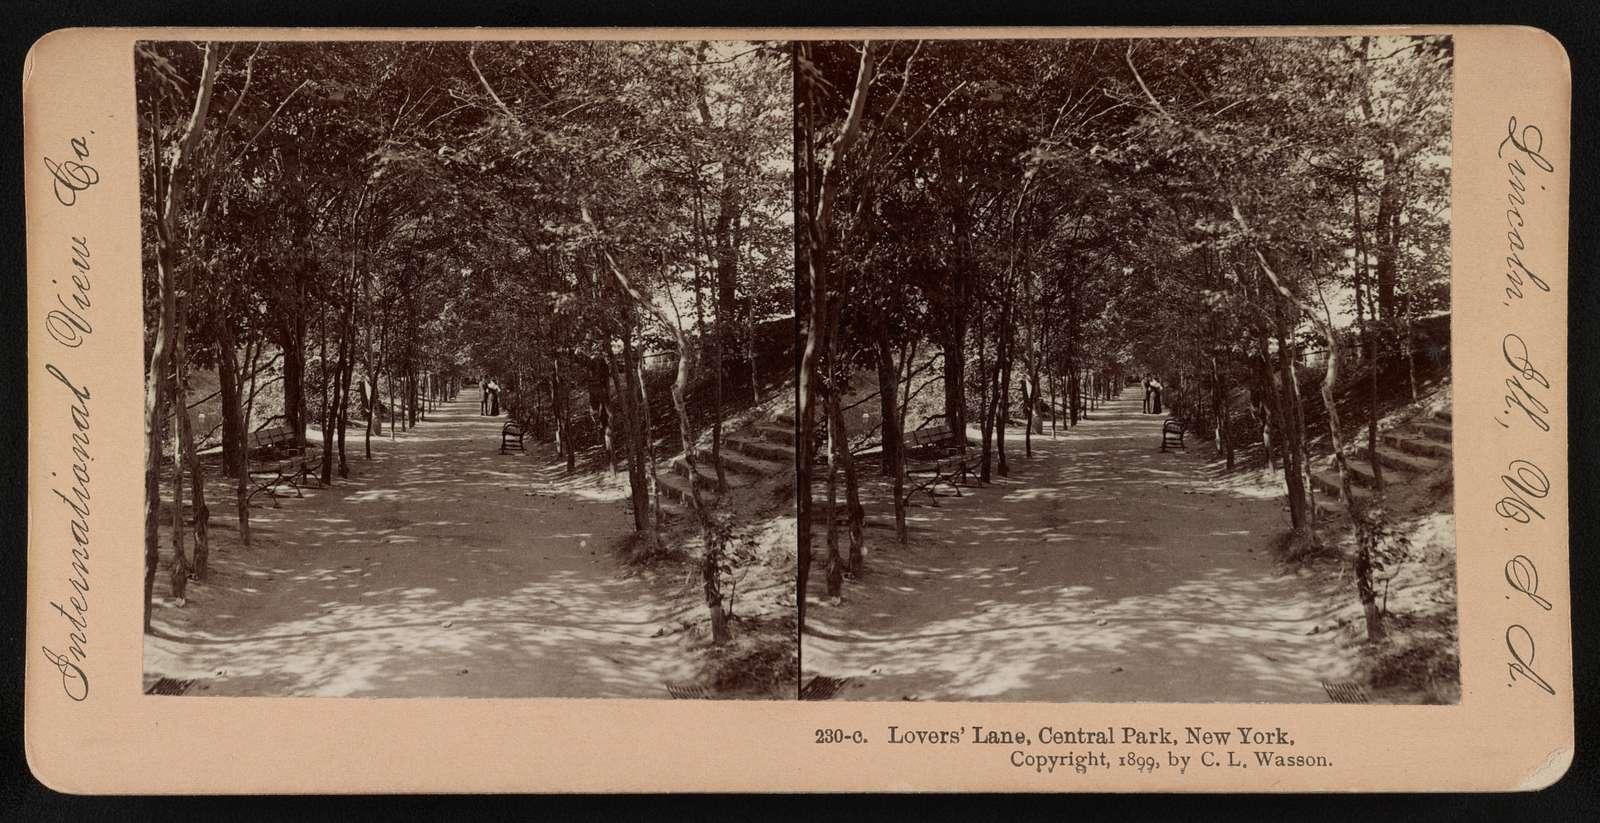 Lovers' Lane, Central Park, New York